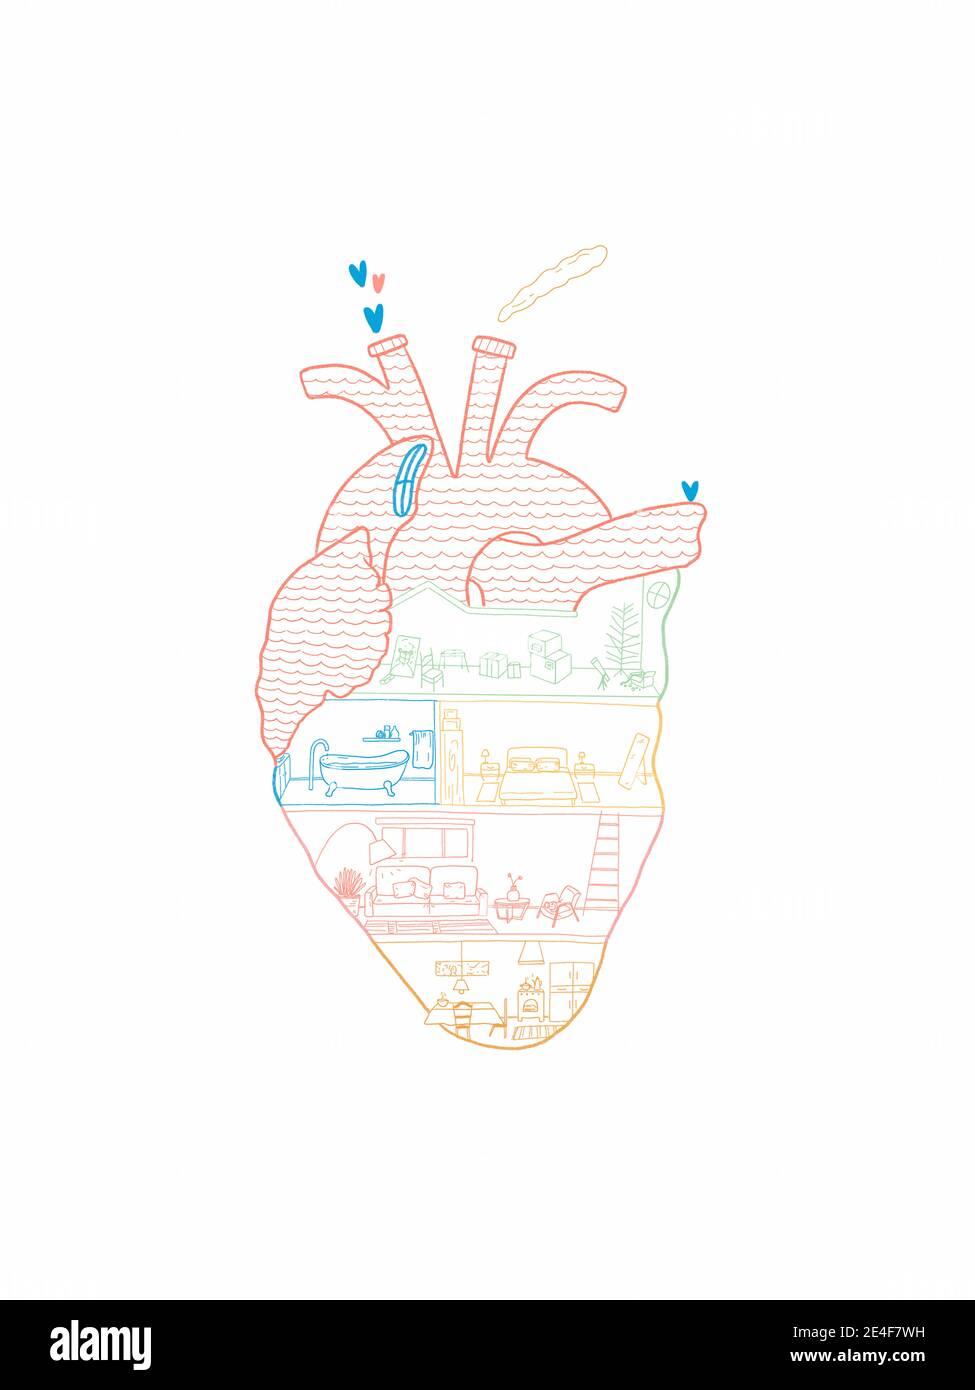 Dibujo a mano de una casa dentro de la forma del corazón Foto de stock